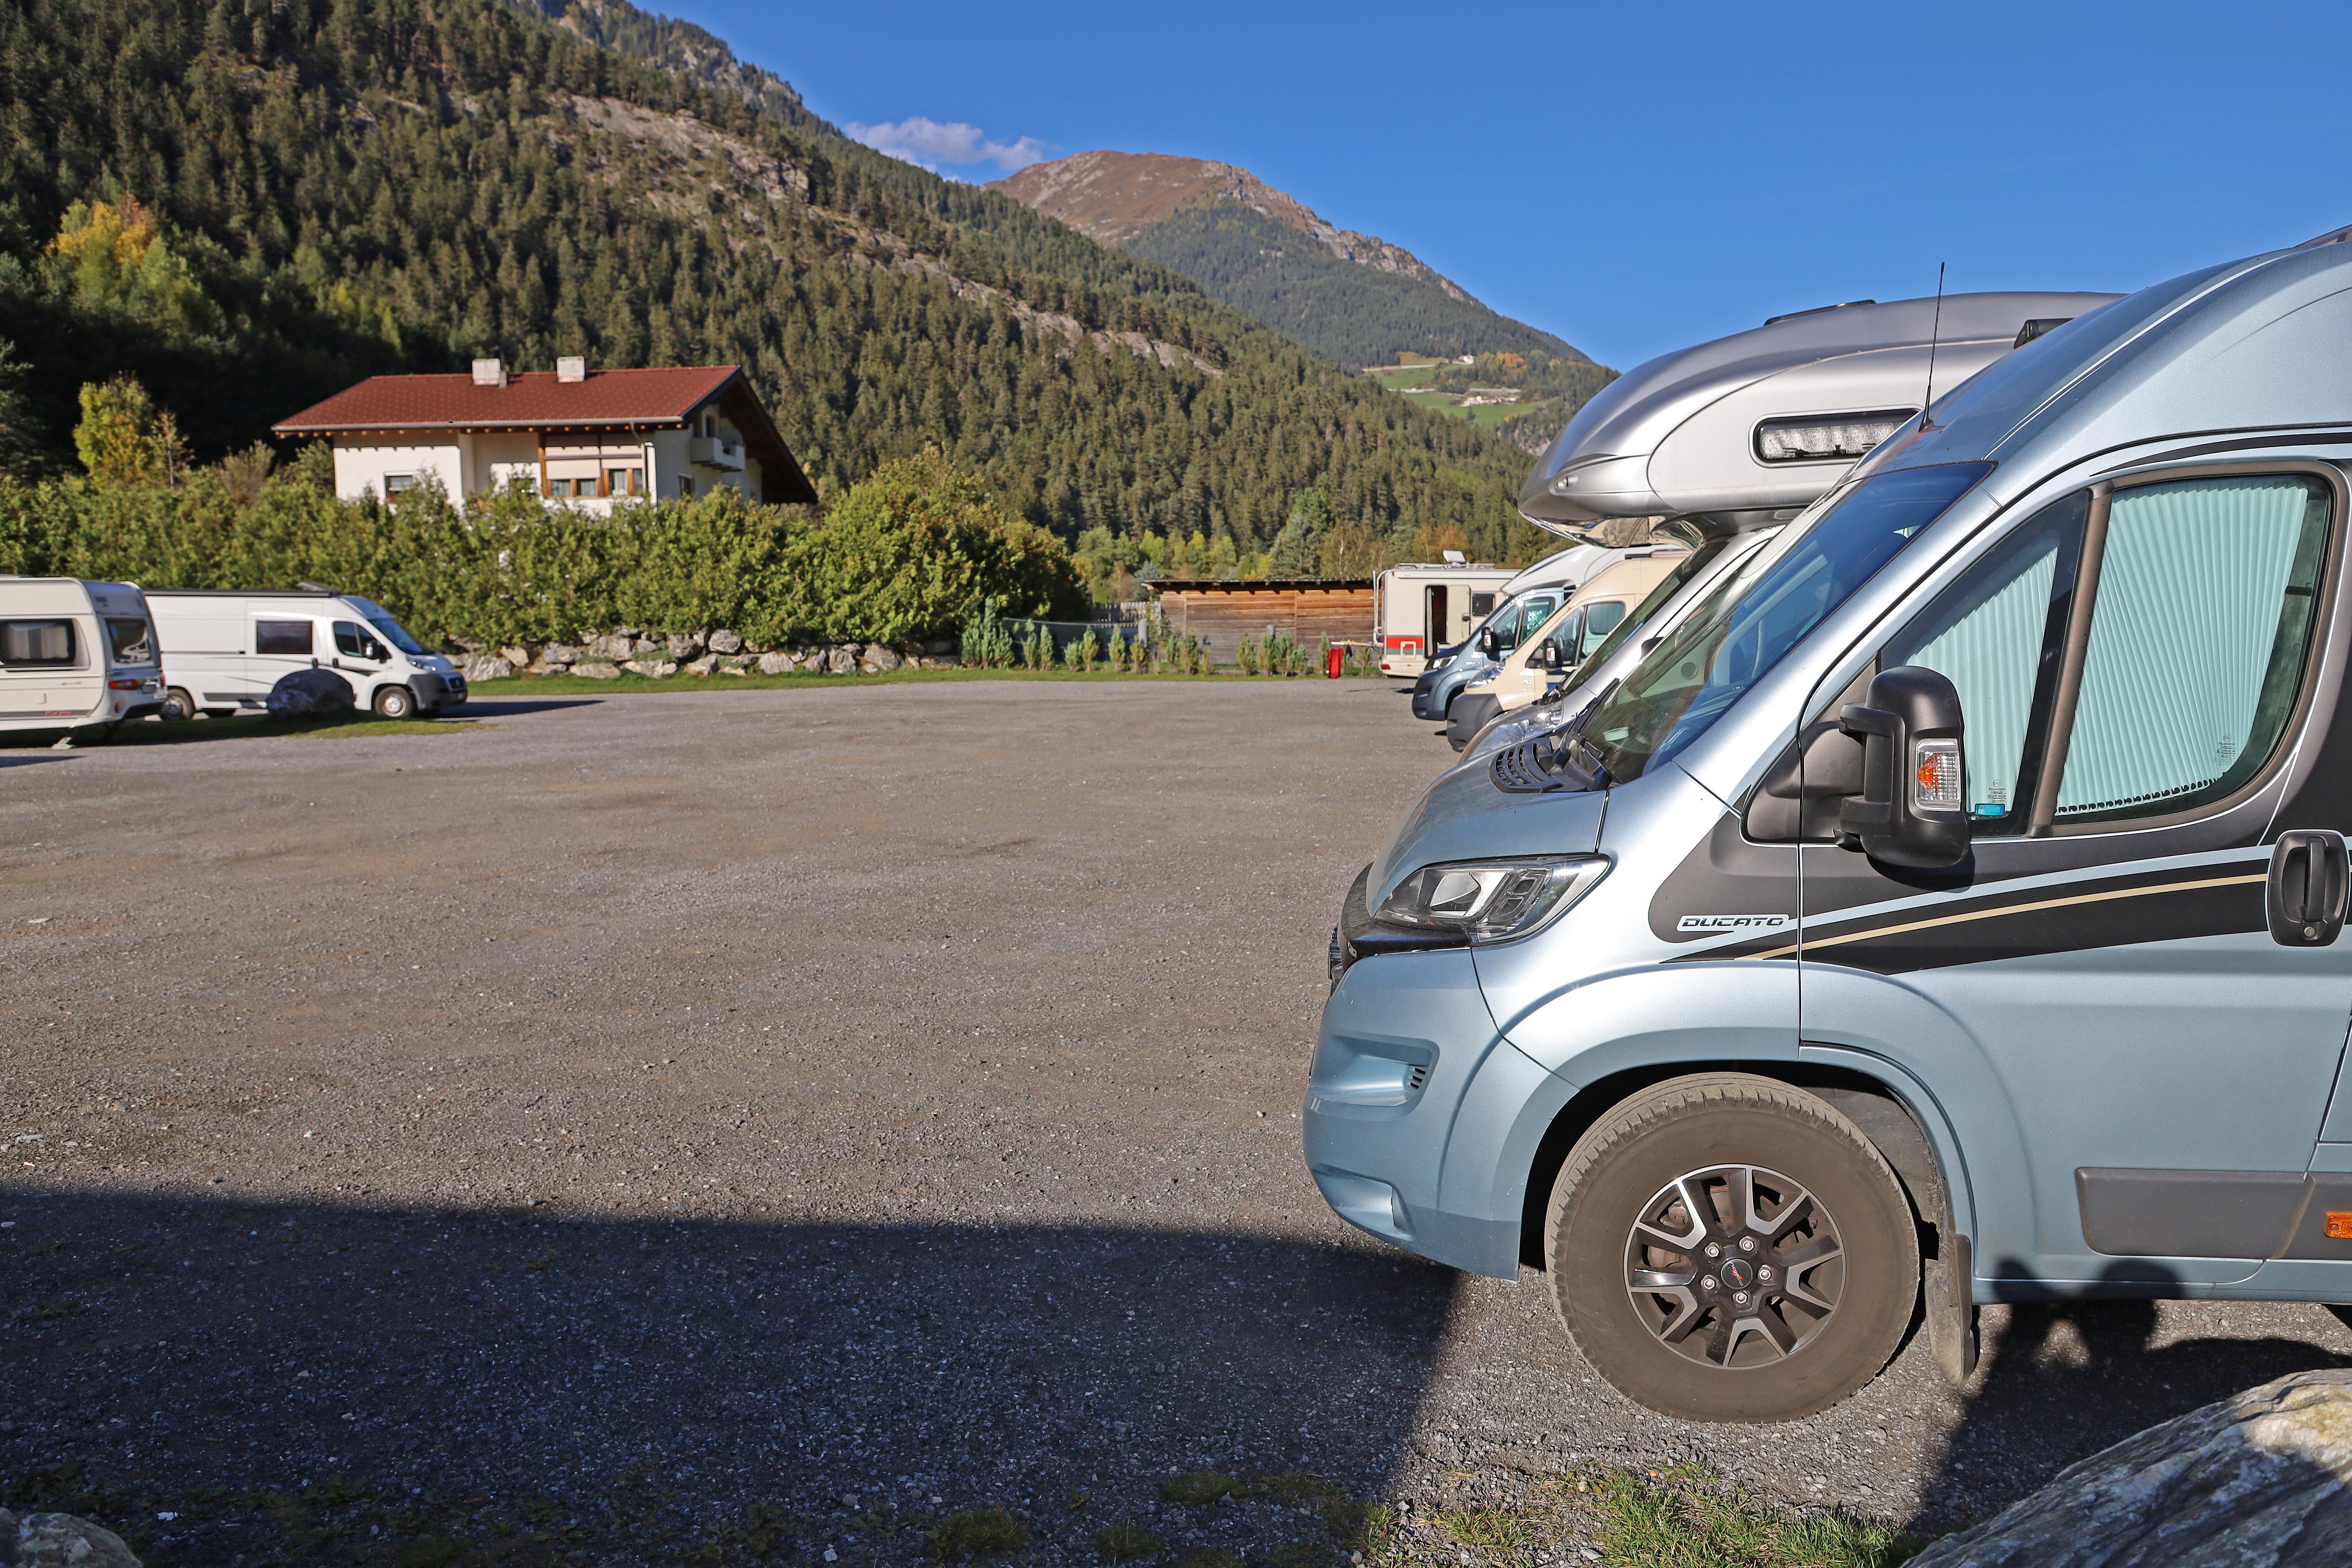 Ställplats/Camping i Pfunds Österrike.